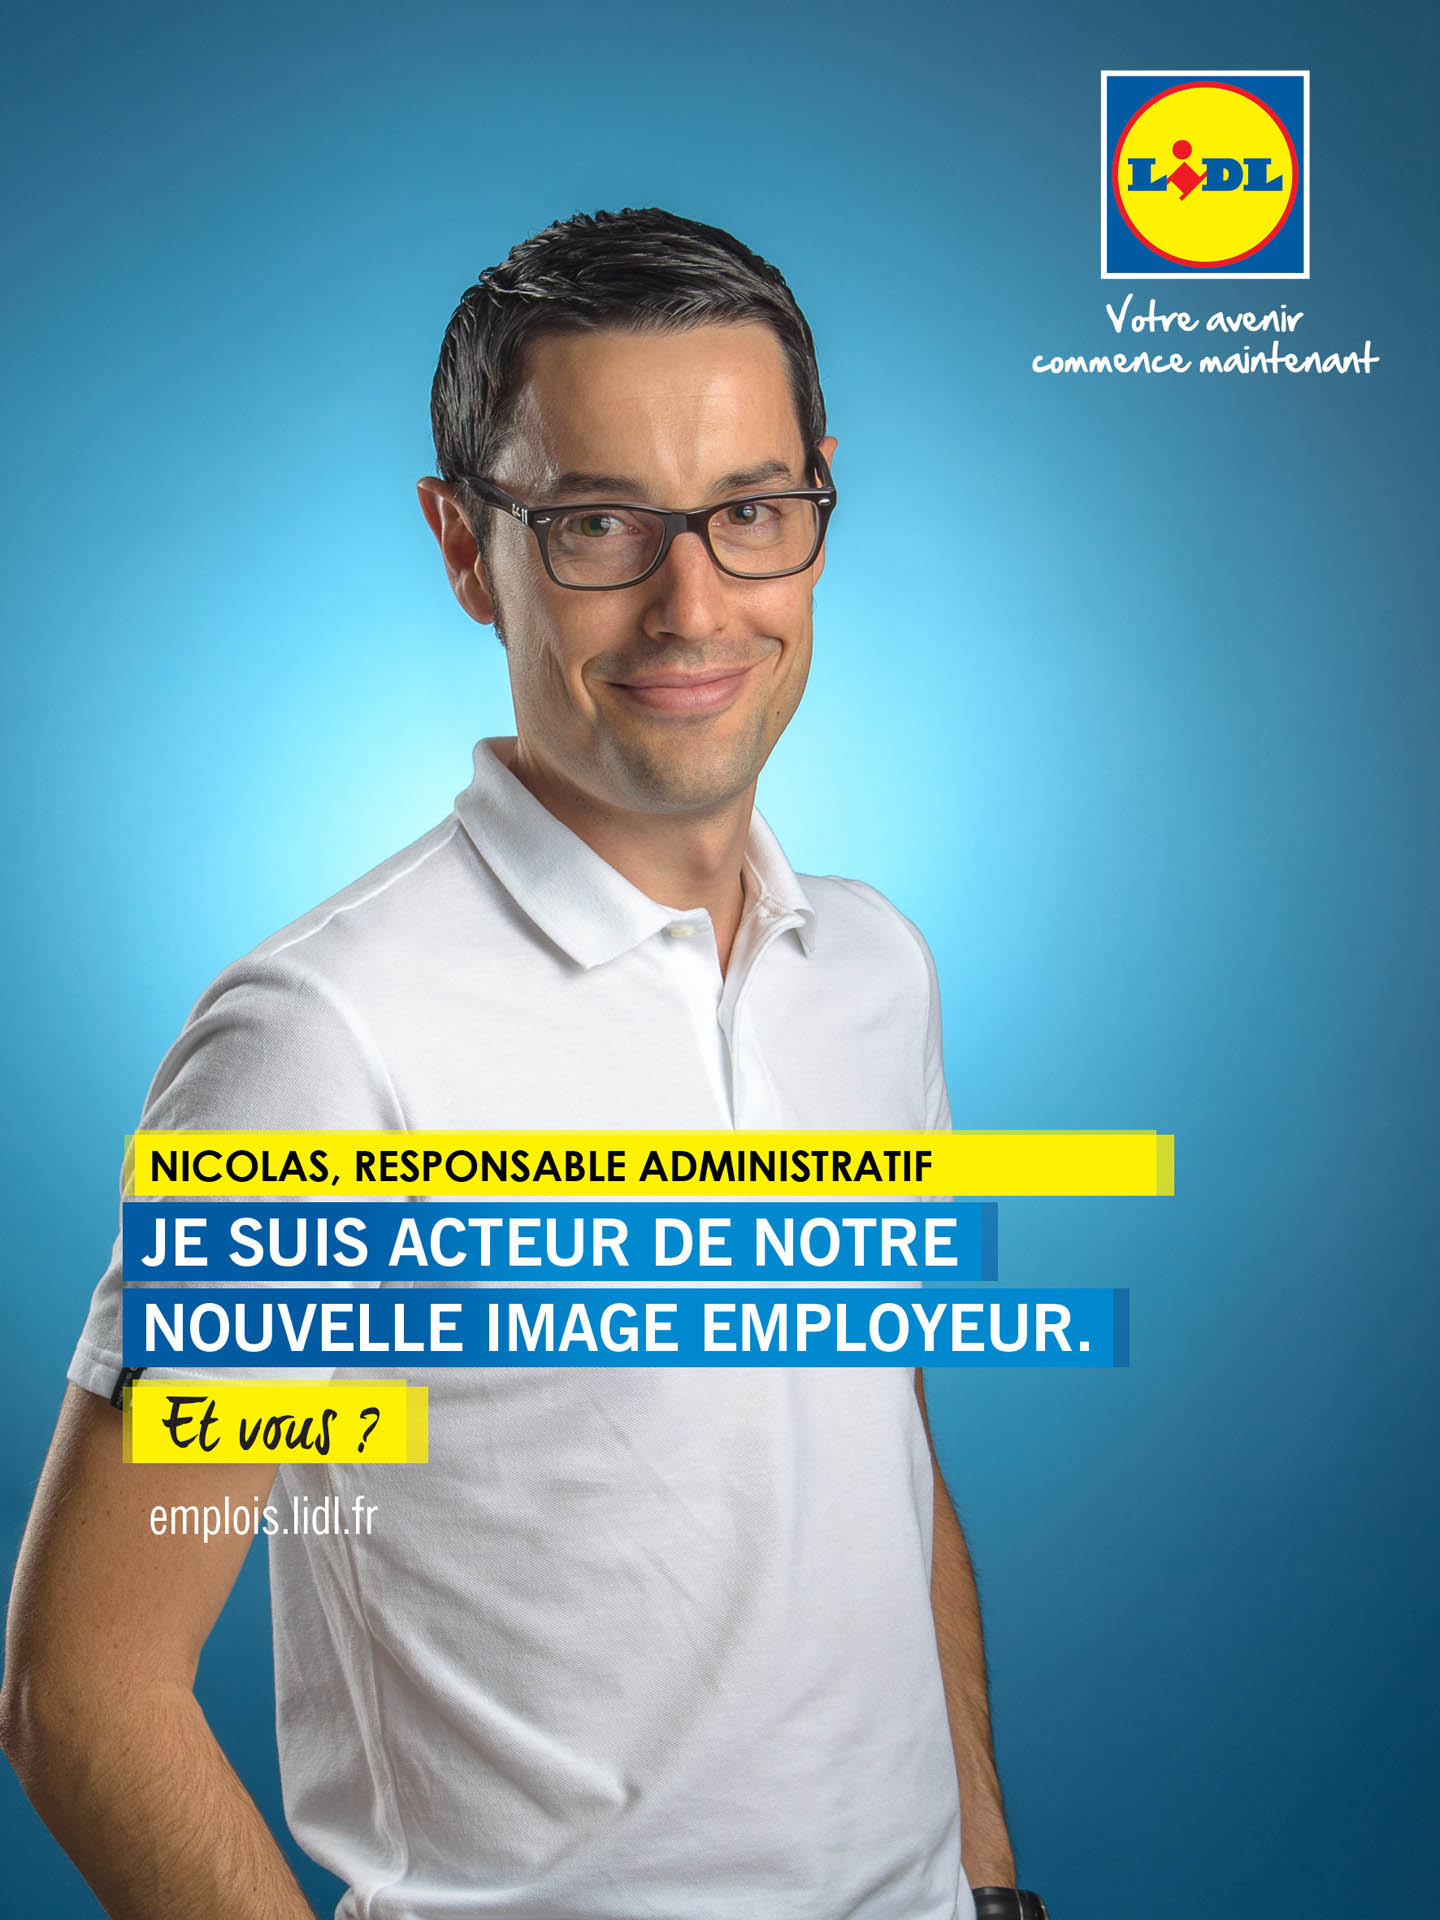 Photographe Portrait Corporate Professionnel En Entreprise, Rhône Alpes